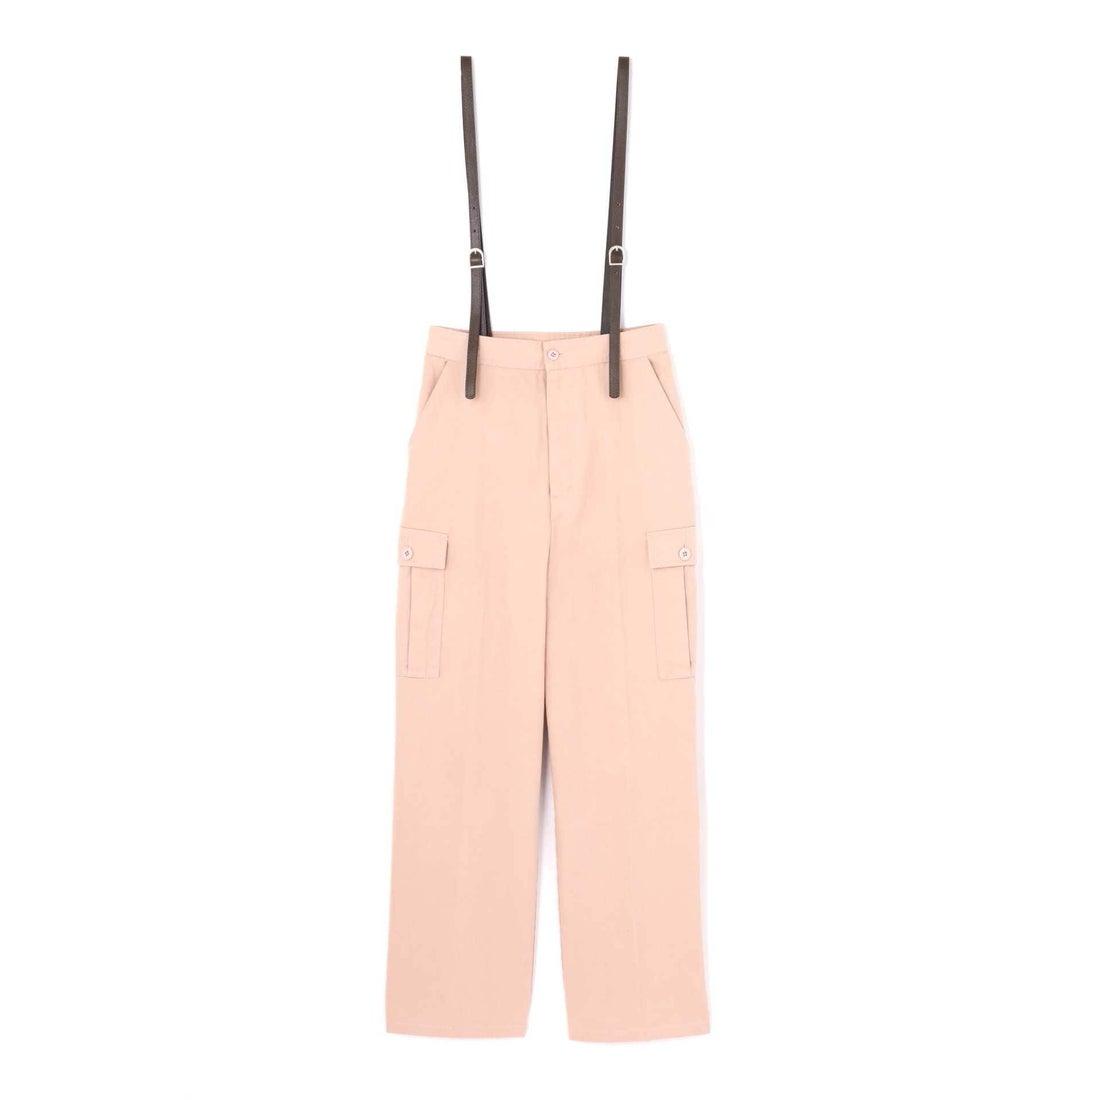 サスペンダー付きカーゴパンツ ピンク